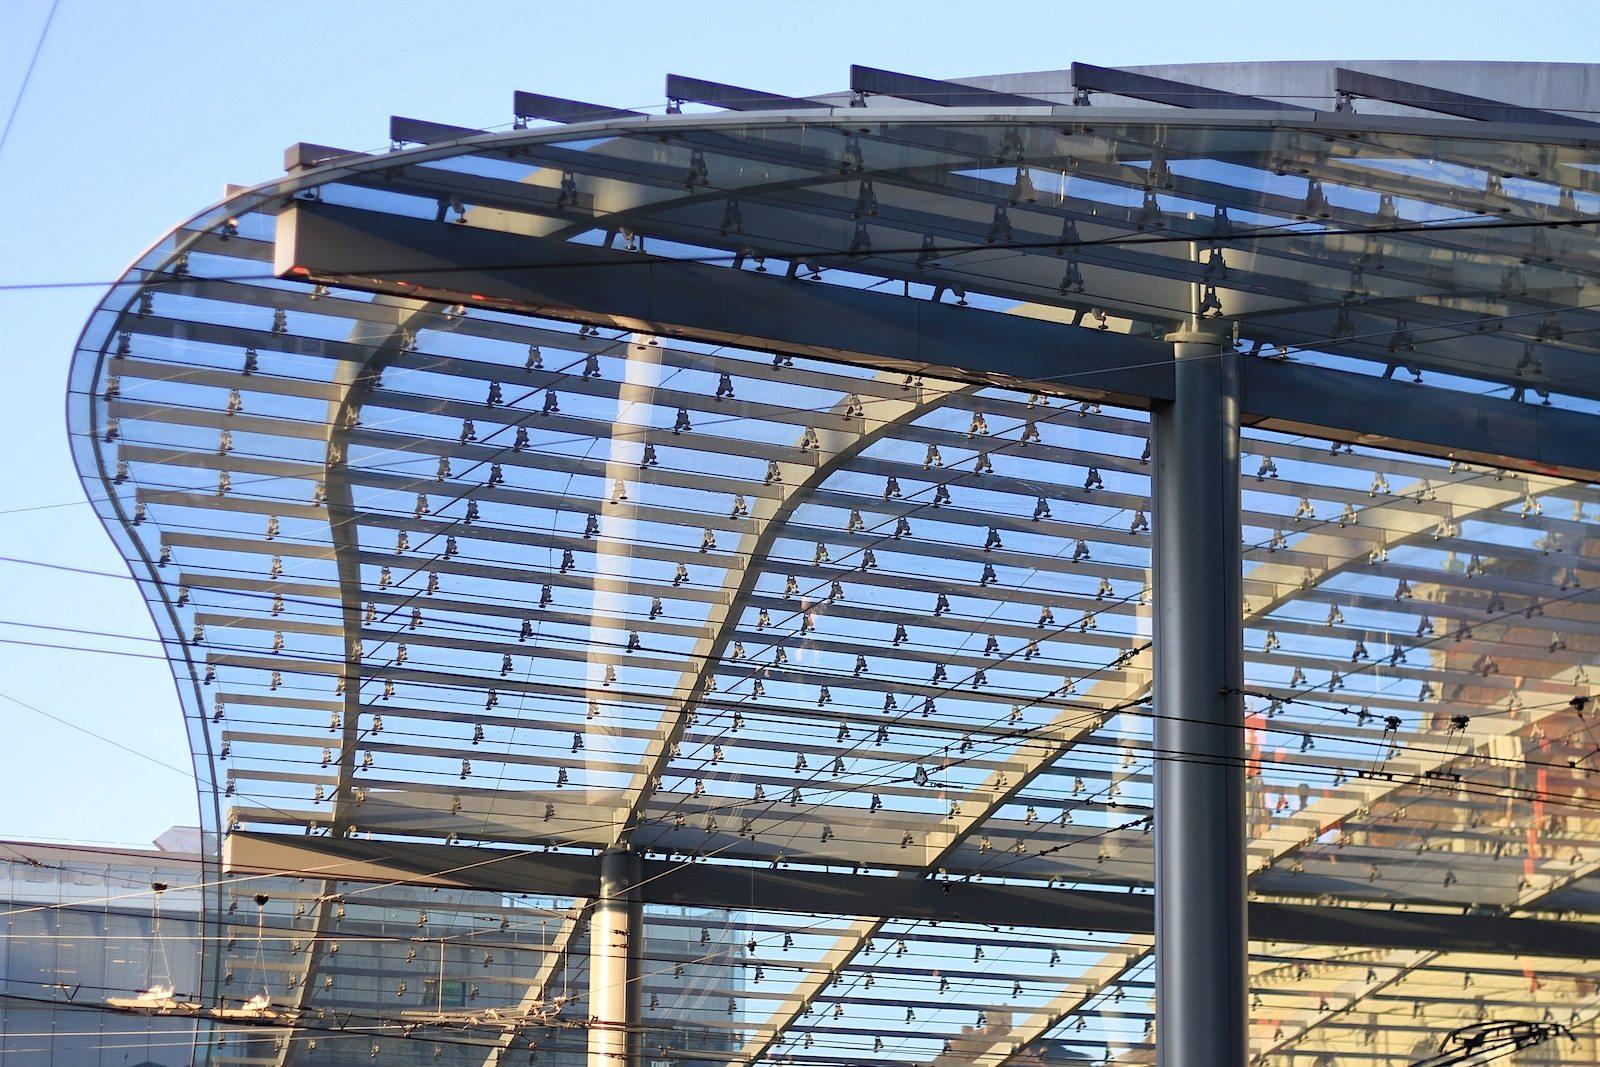 Ausmaße. Der Baldachin erreicht eine Ausdehnung von 85 Meter Länge, 11 bis 41 Meter Breite und eine Höhe zwischen 3 und 10 Meter. Die Glasfläche beträgt insgesamt 2350 Quadratmeter.